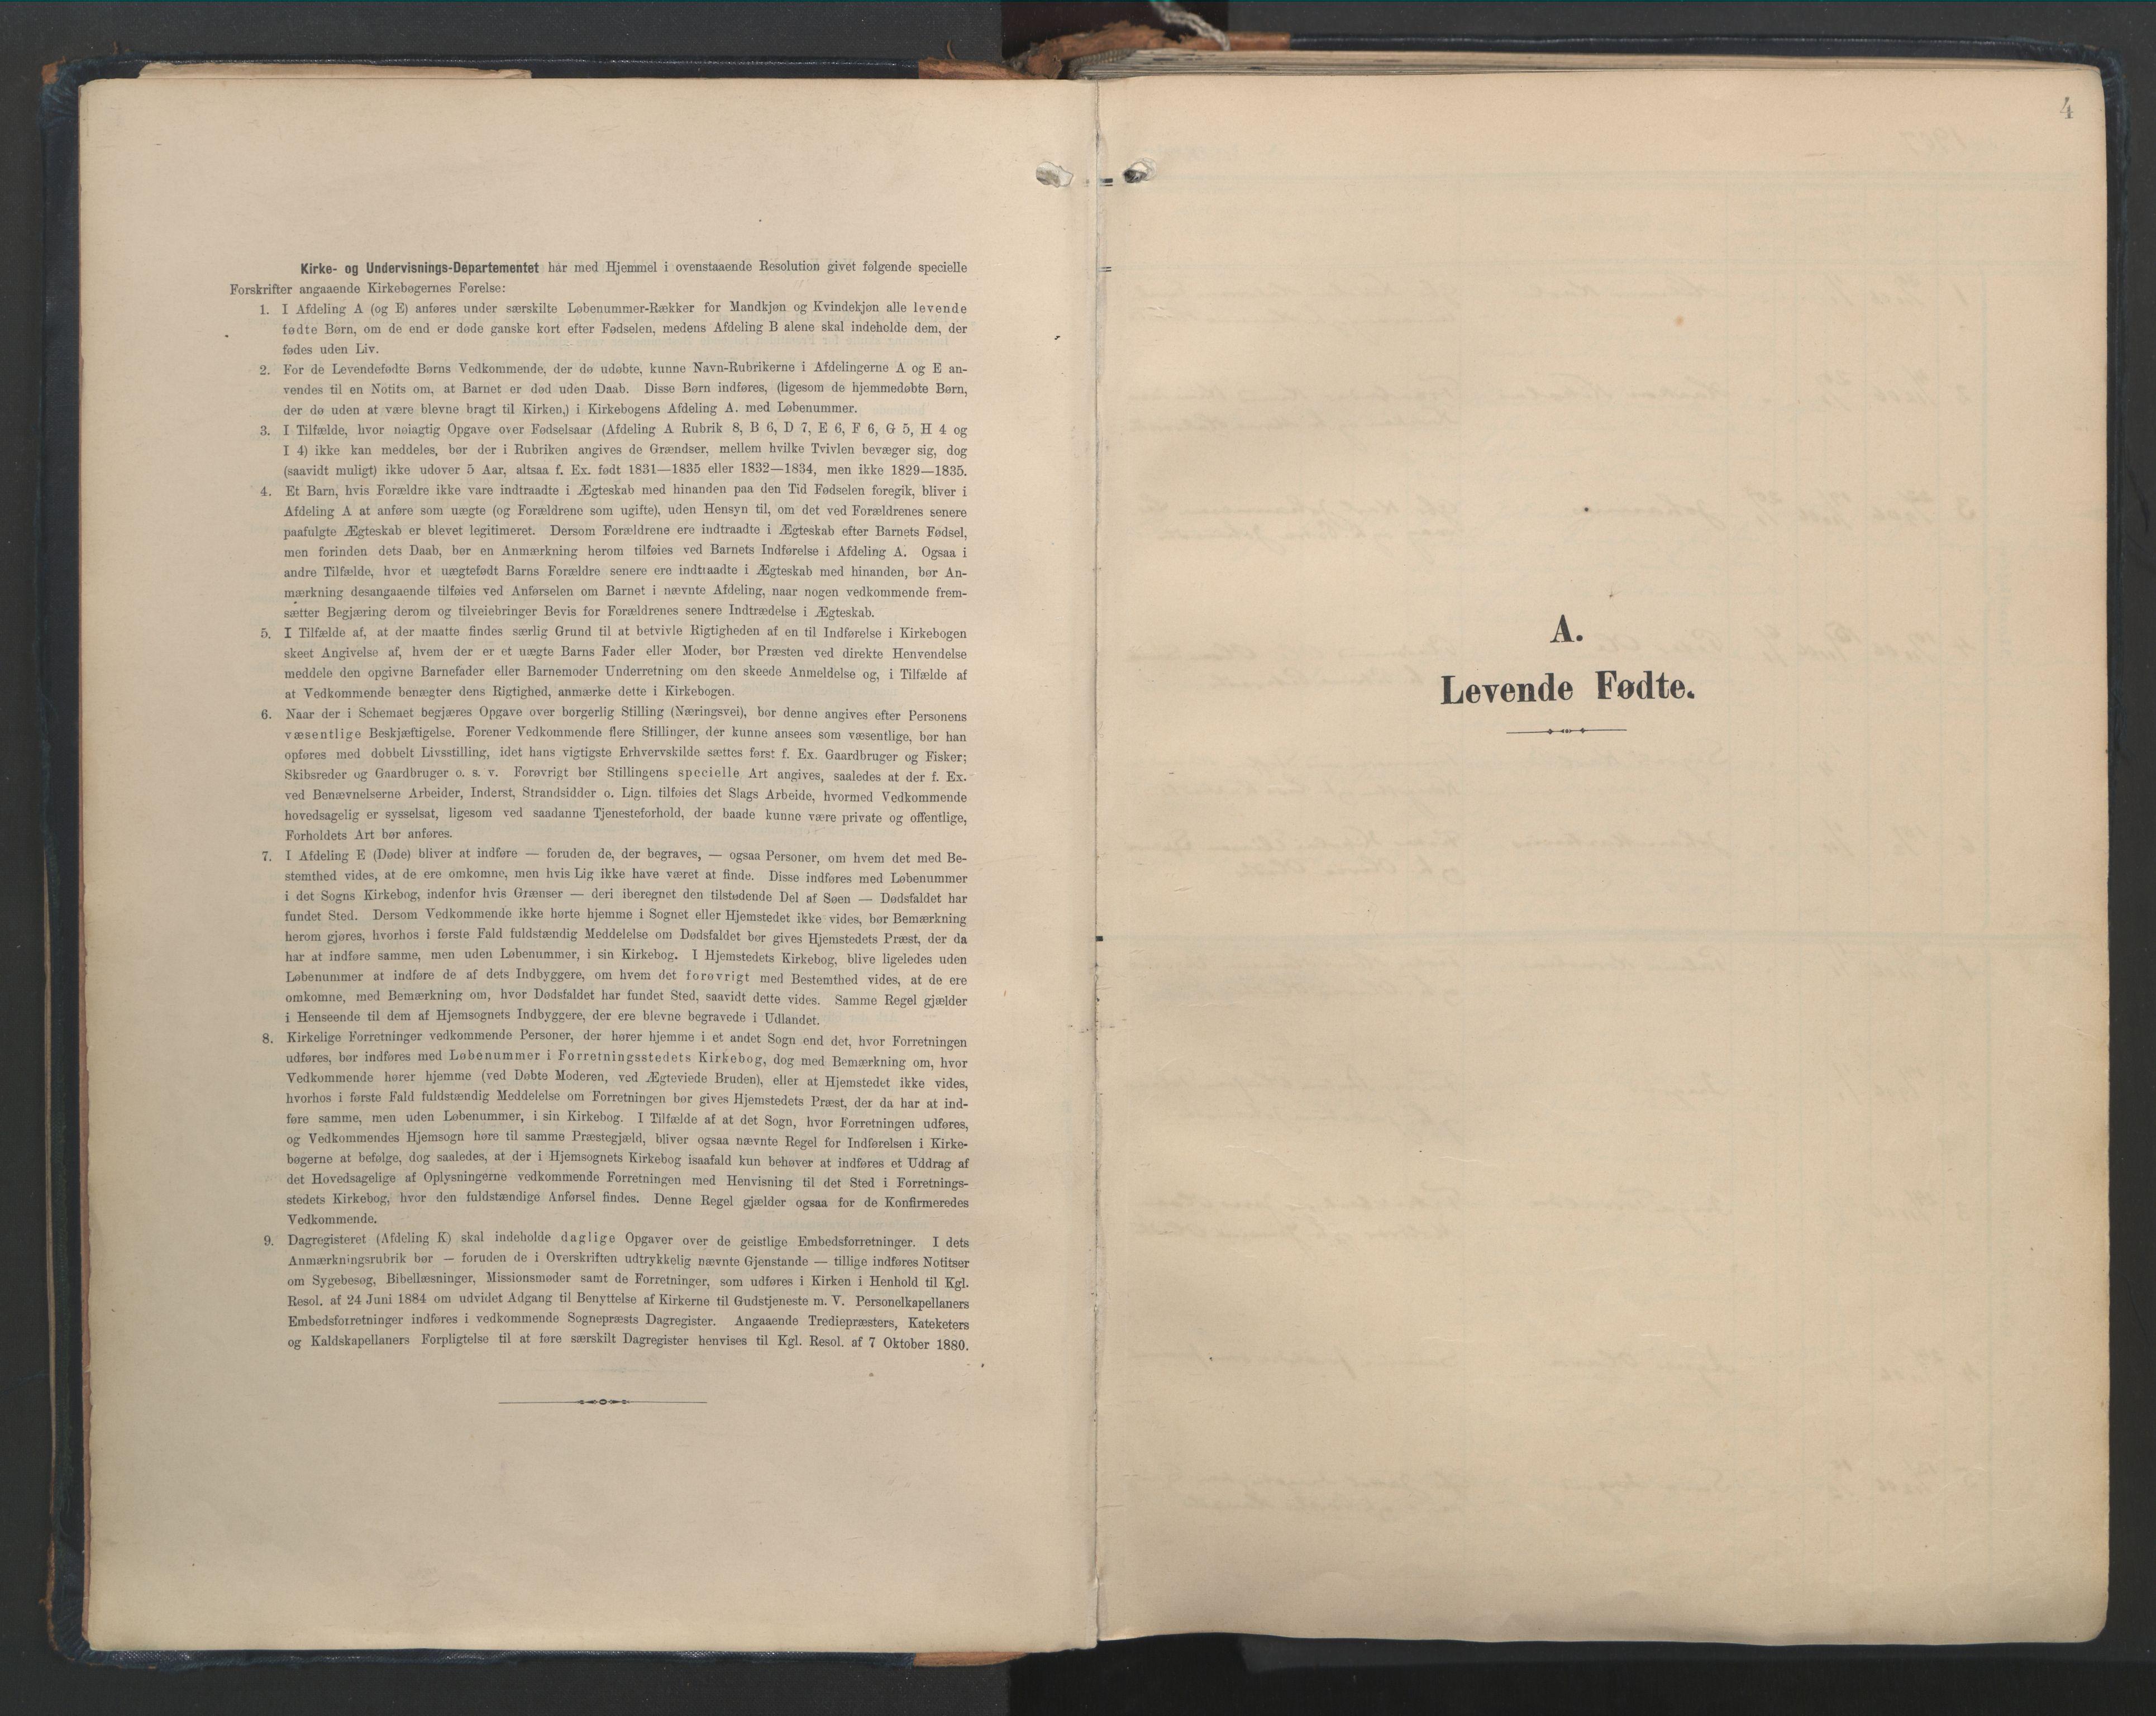 SAT, Ministerialprotokoller, klokkerbøker og fødselsregistre - Møre og Romsdal, 528/L0411: Ministerialbok nr. 528A20, 1907-1920, s. 4